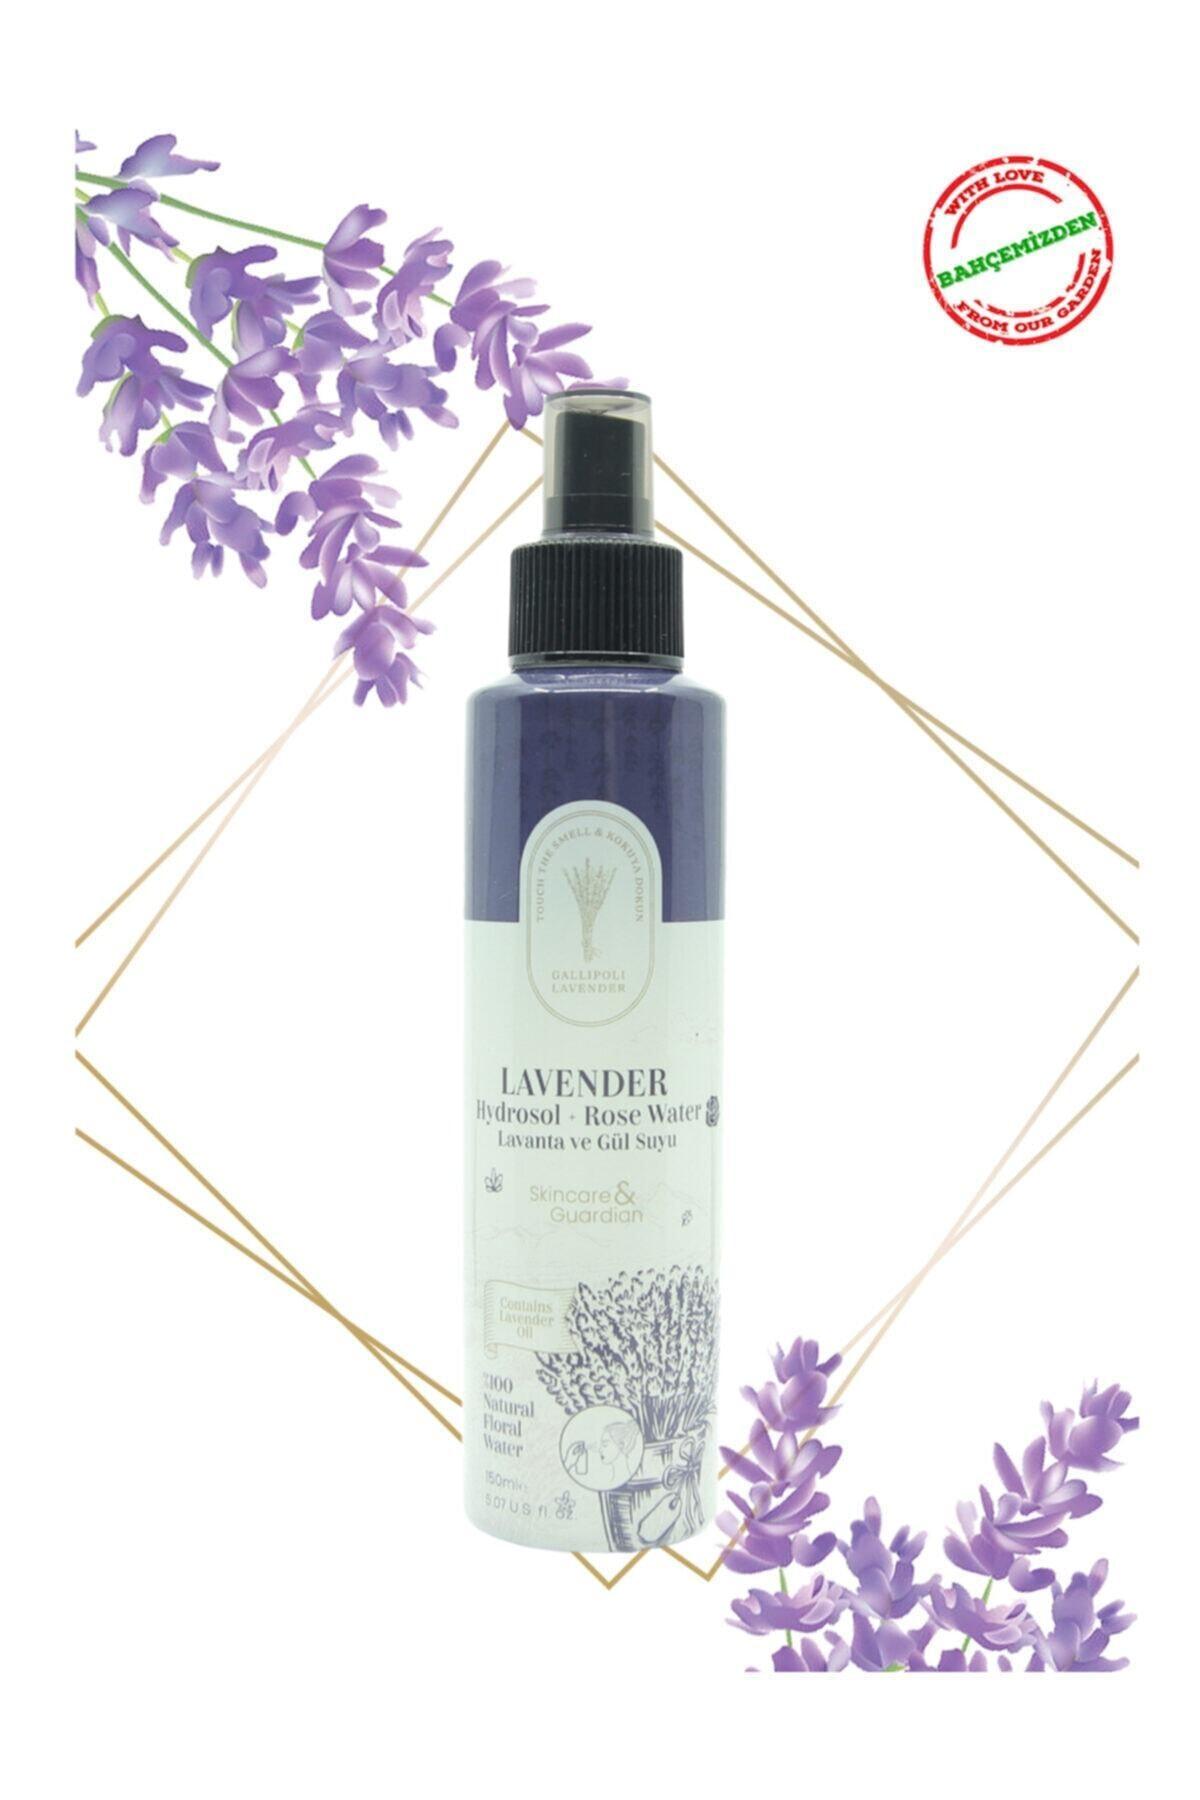 Gallipoli Lavender Lavanta Ve Gül Suyu (hidrosol) 150 Ml Yağlı Akneli Ciltler Için Tonik Etkili Gül Suyu & Lavanta Suyu 1